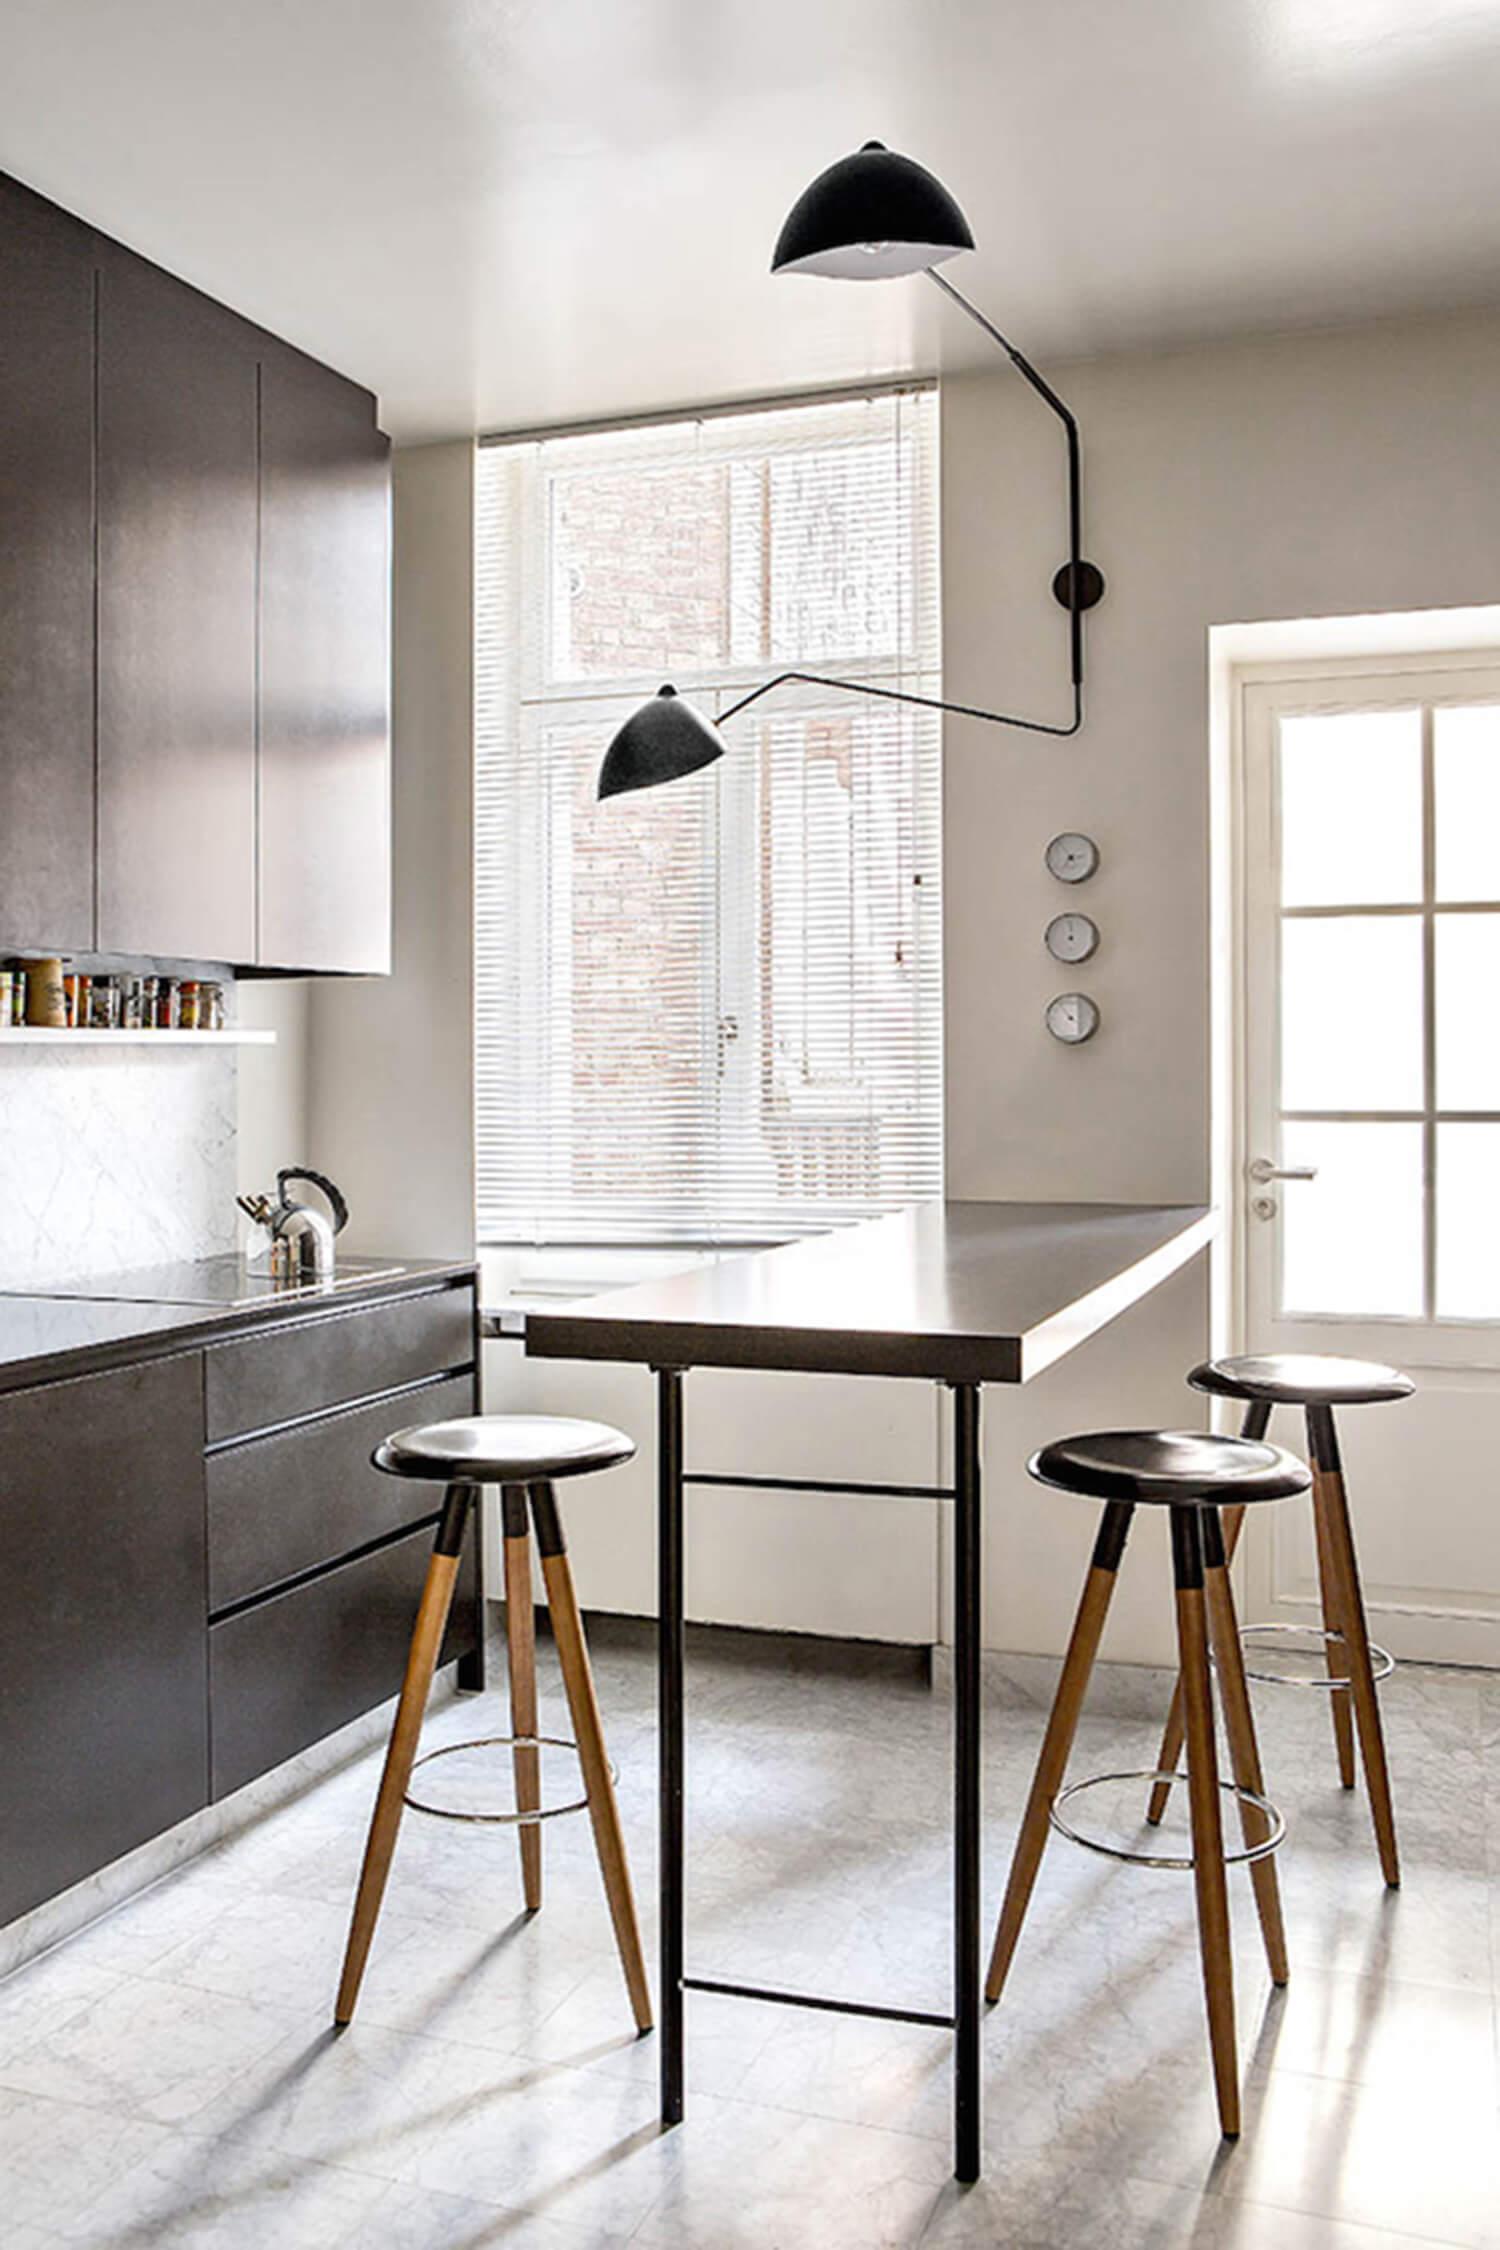 est living michael penneman apartment kitchen